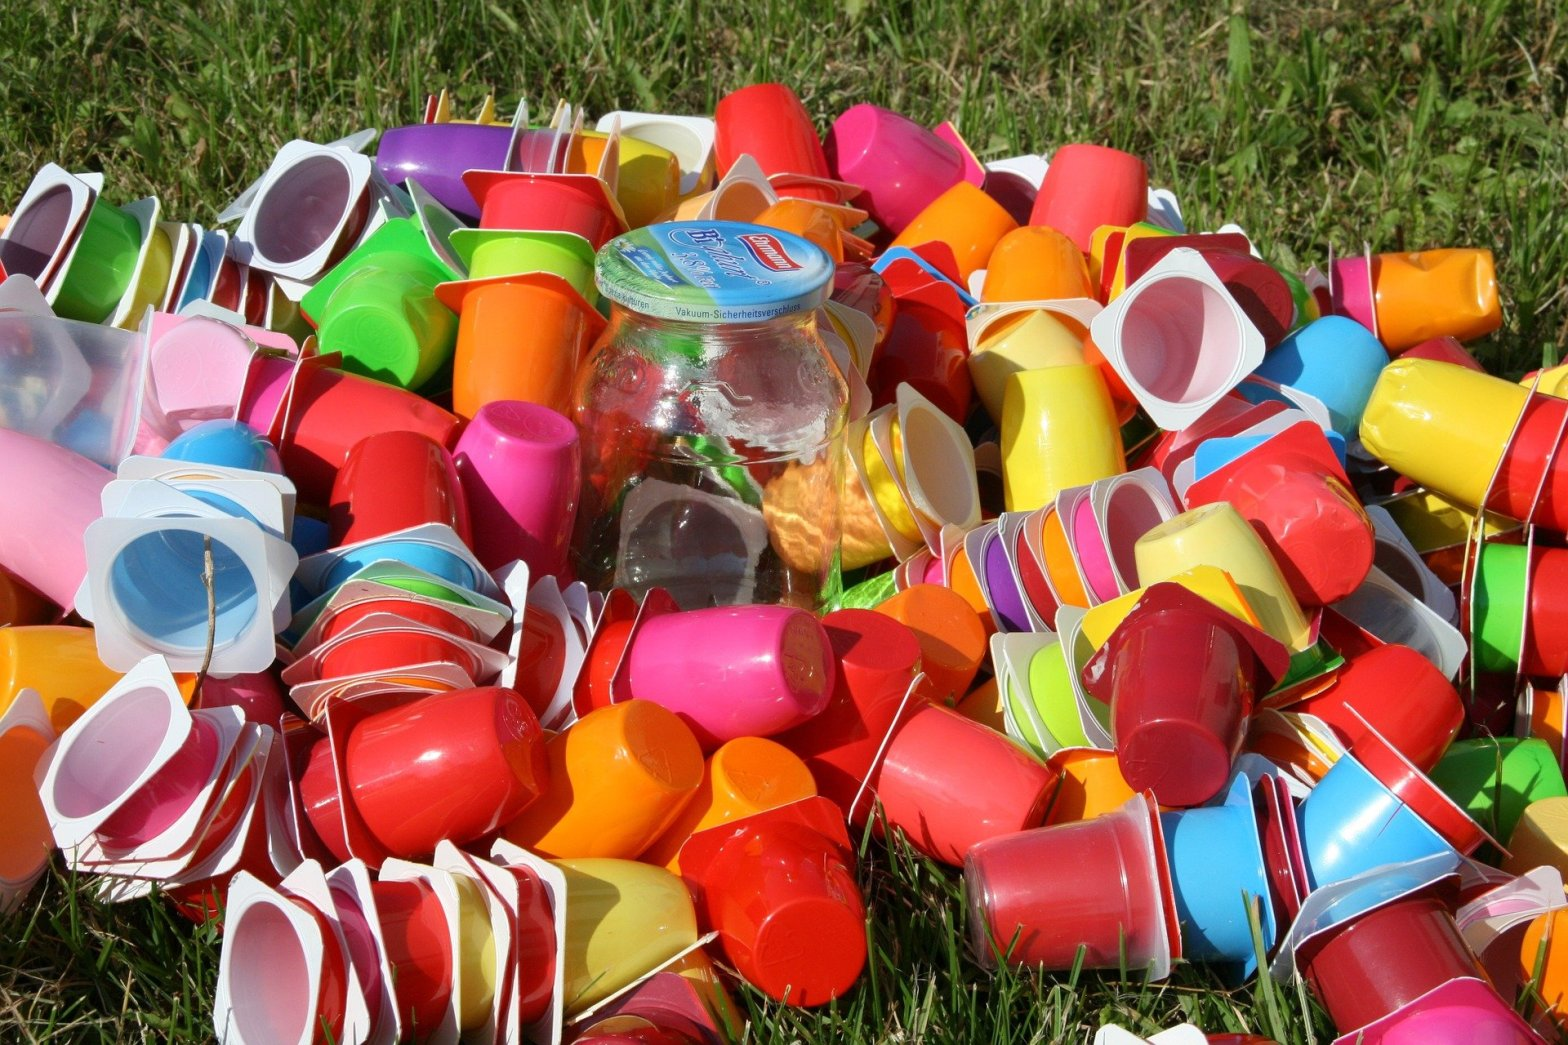 Plastica-invasione-natura-rifiuti-inquinamento